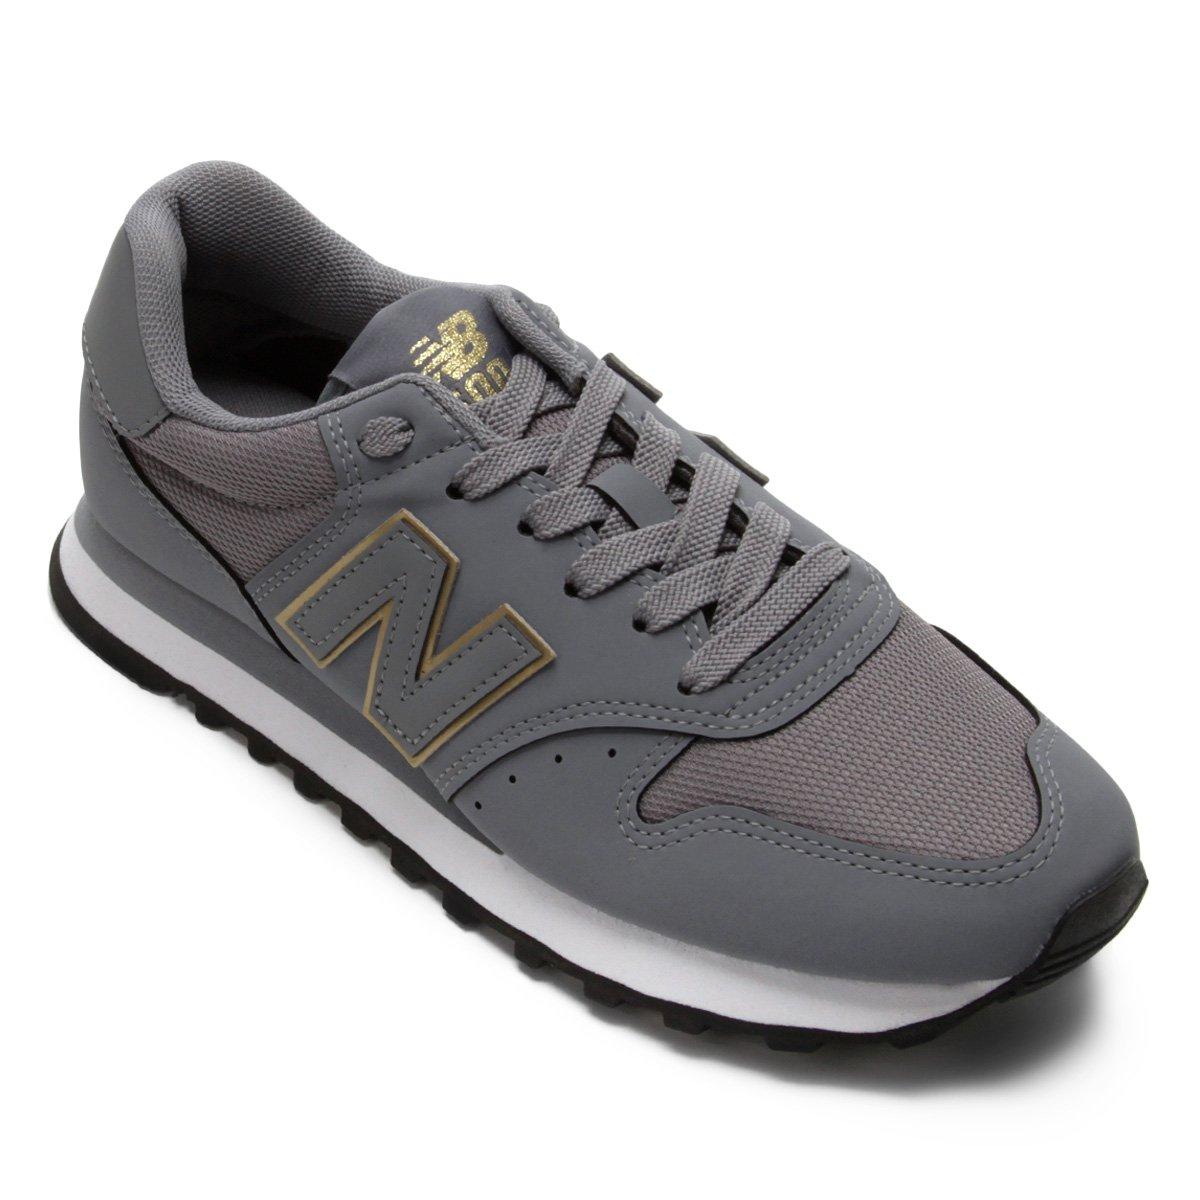 72cdb336a0340 Tênis Couro New Balance W 500 Feminino - Compre Agora